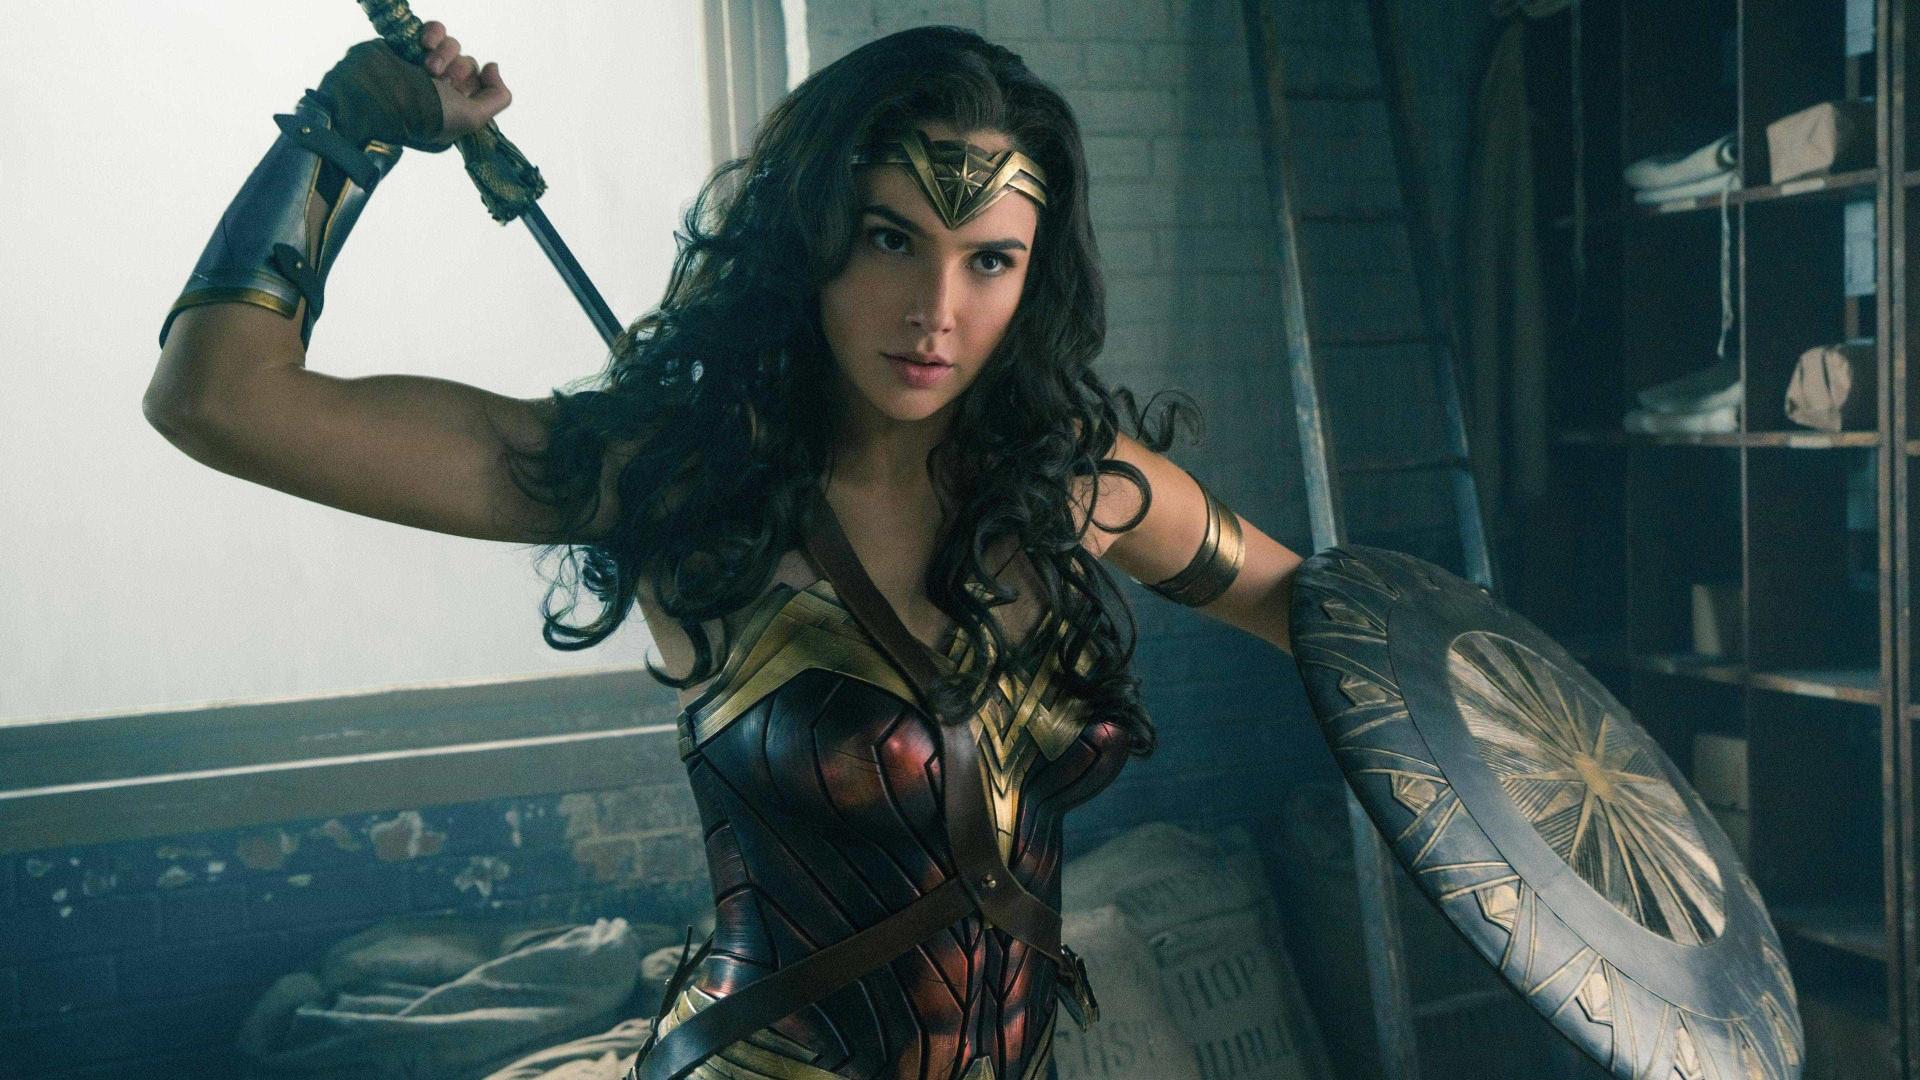 'Mulher-Maravilha' é o 5º filme de super-heróis mais visto da história